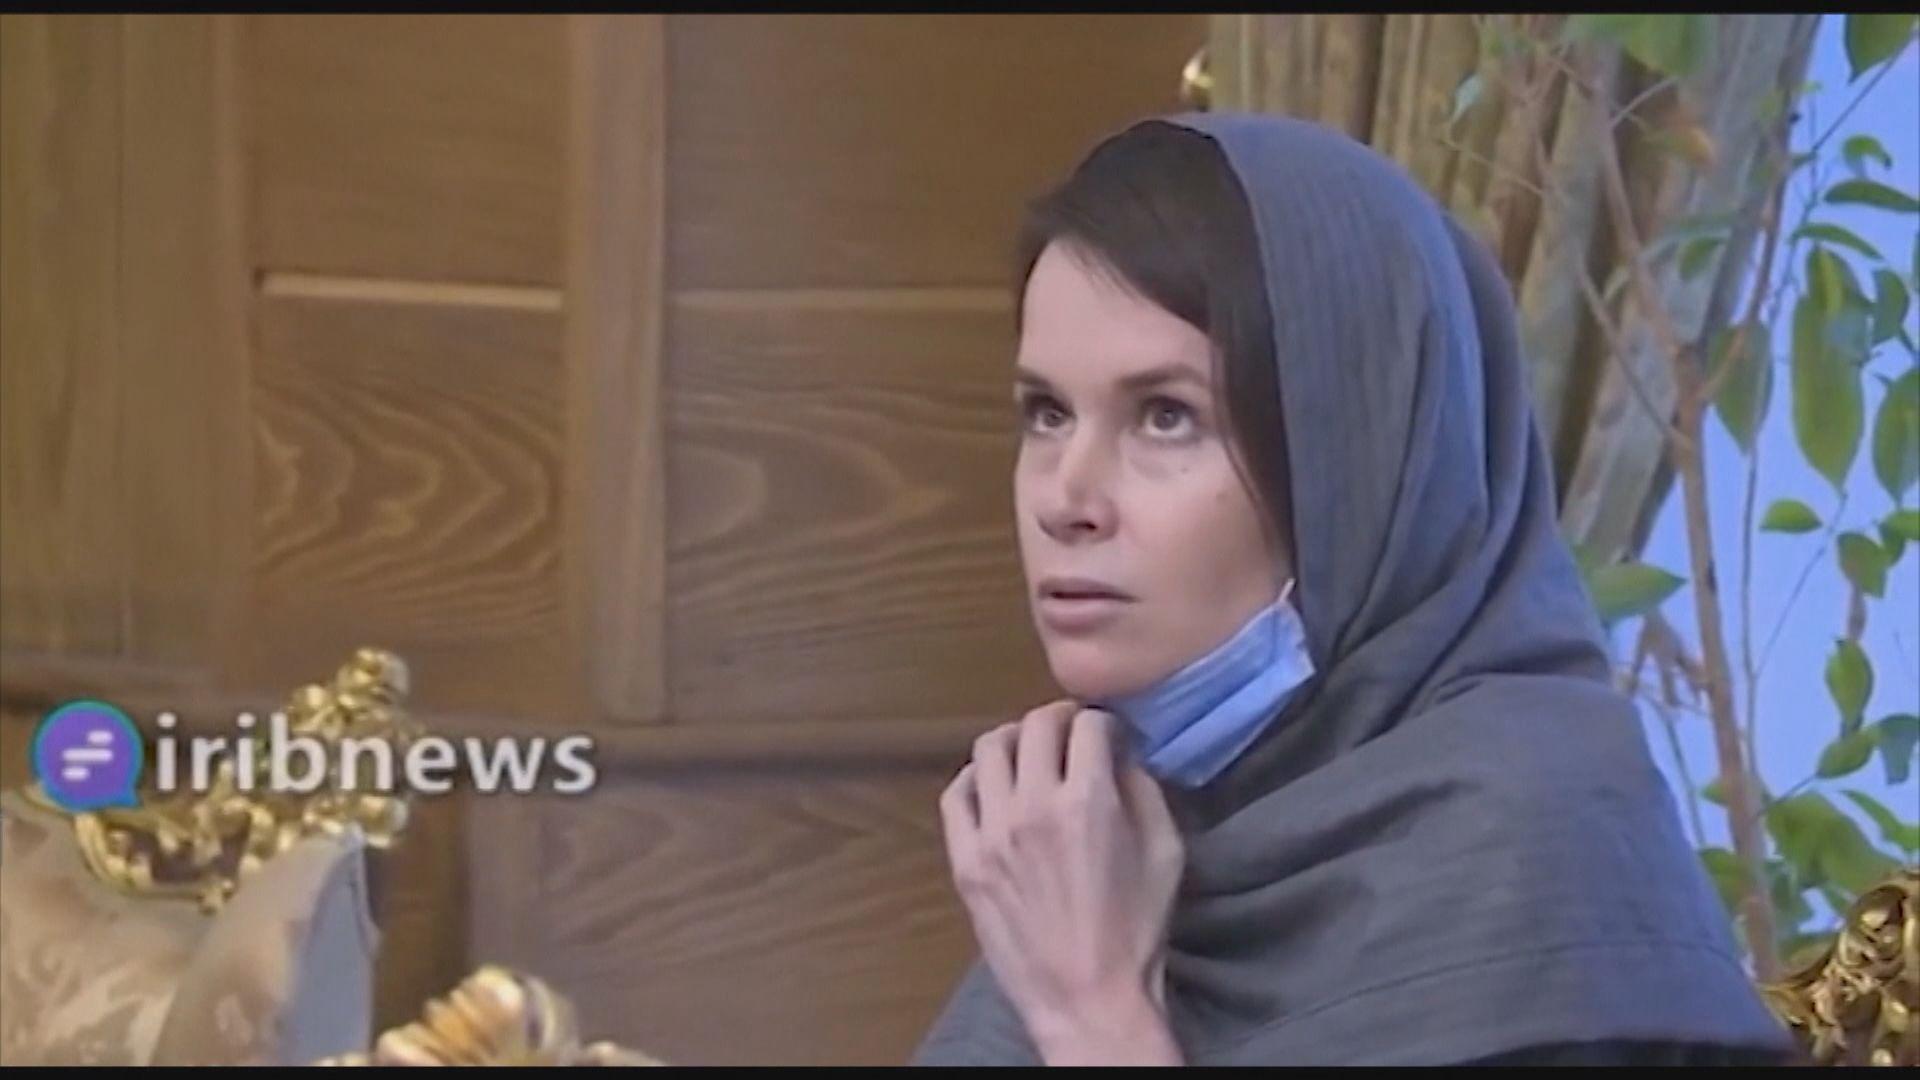 伊朗釋放一名澳洲大學學者 交換三名在囚伊朗人